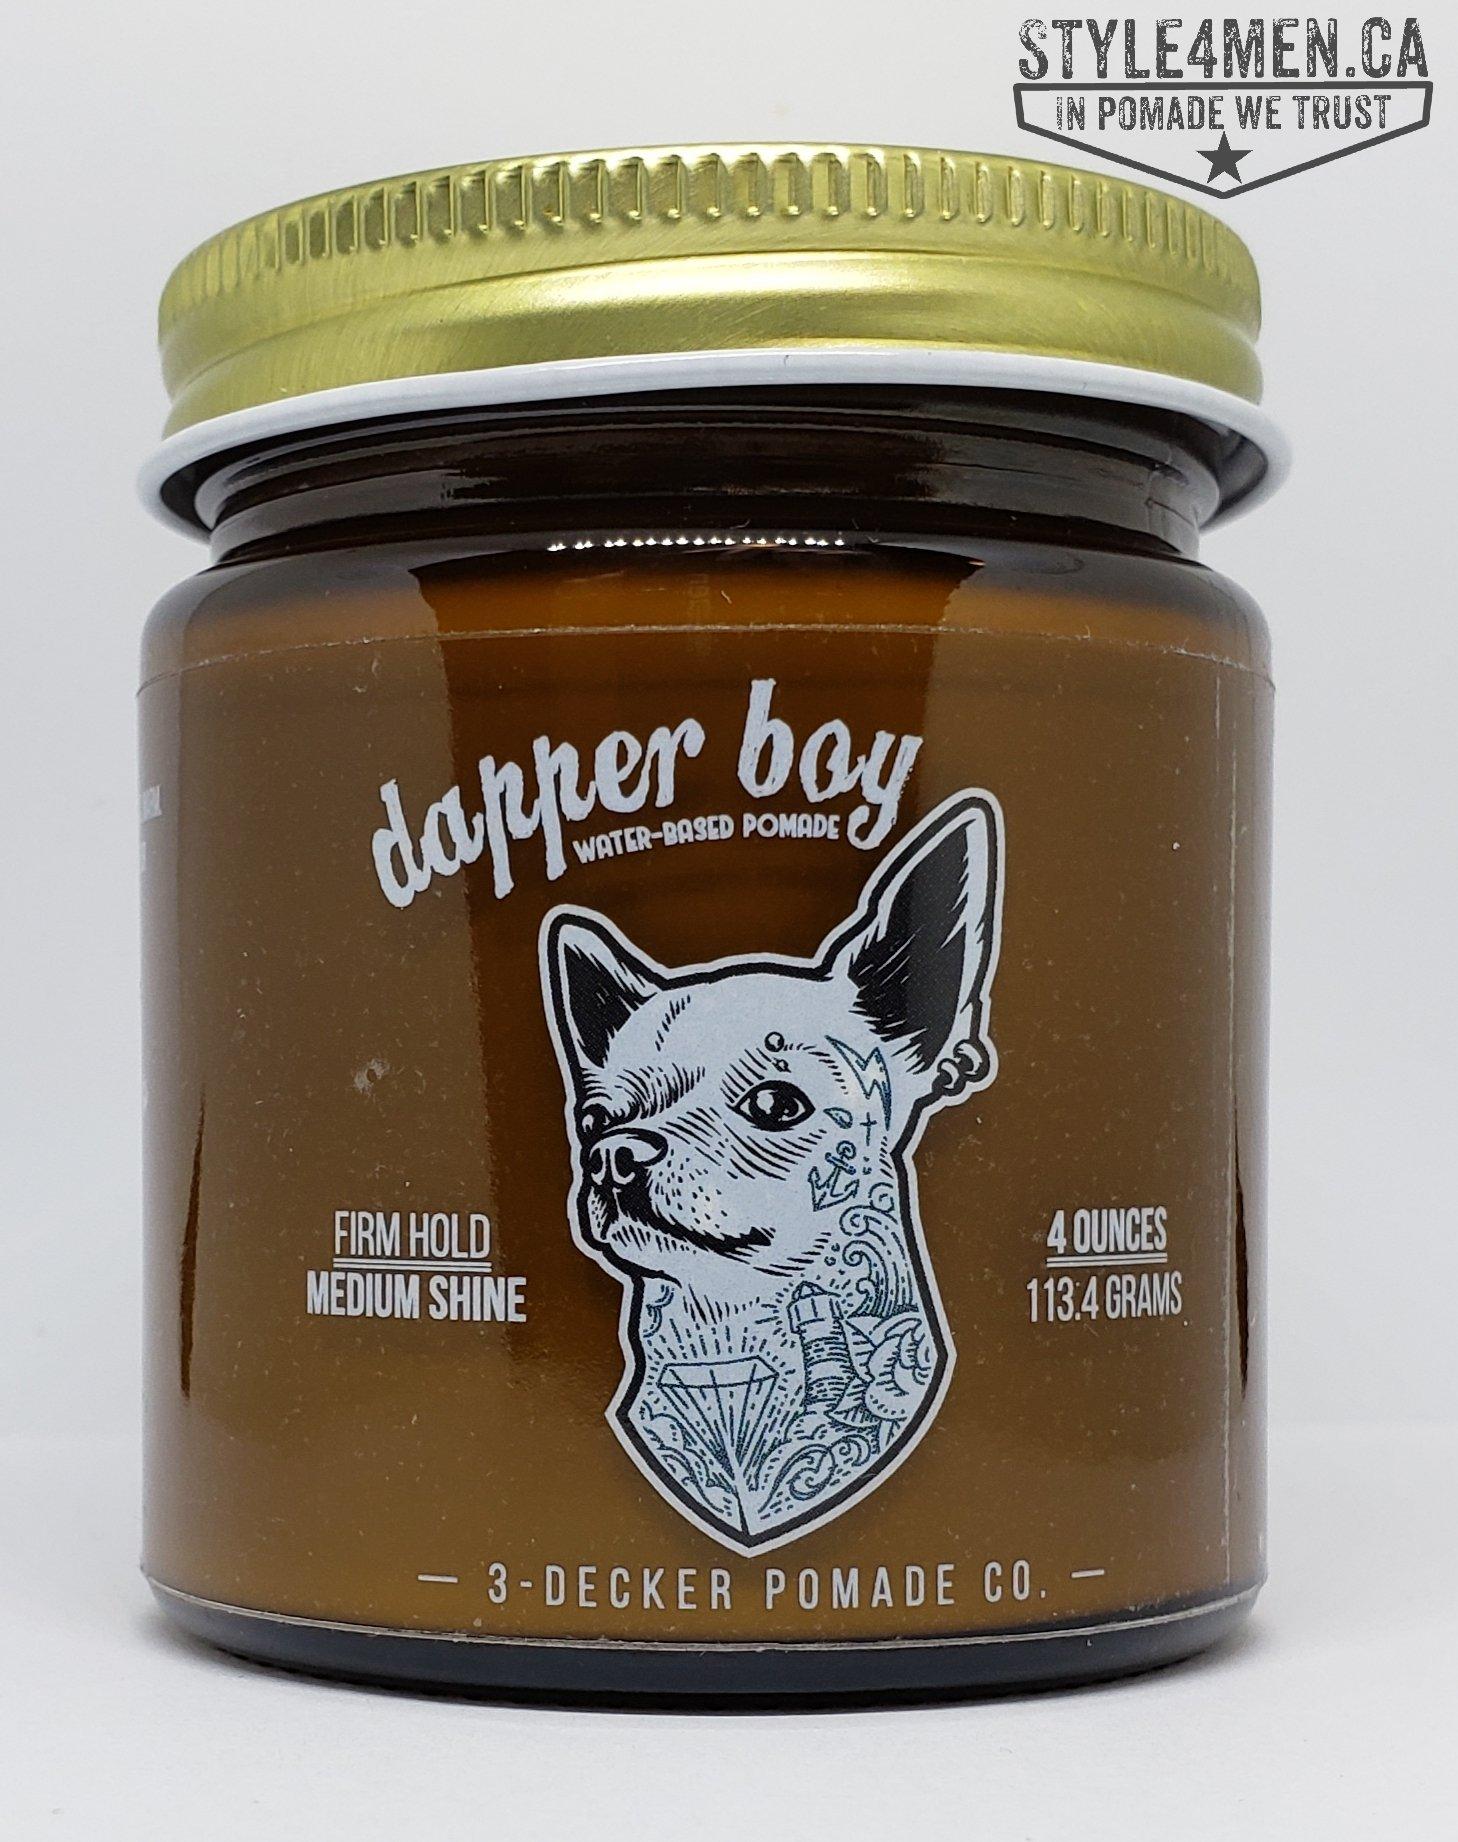 Dapper Boy 3 Decker Pomade Co.